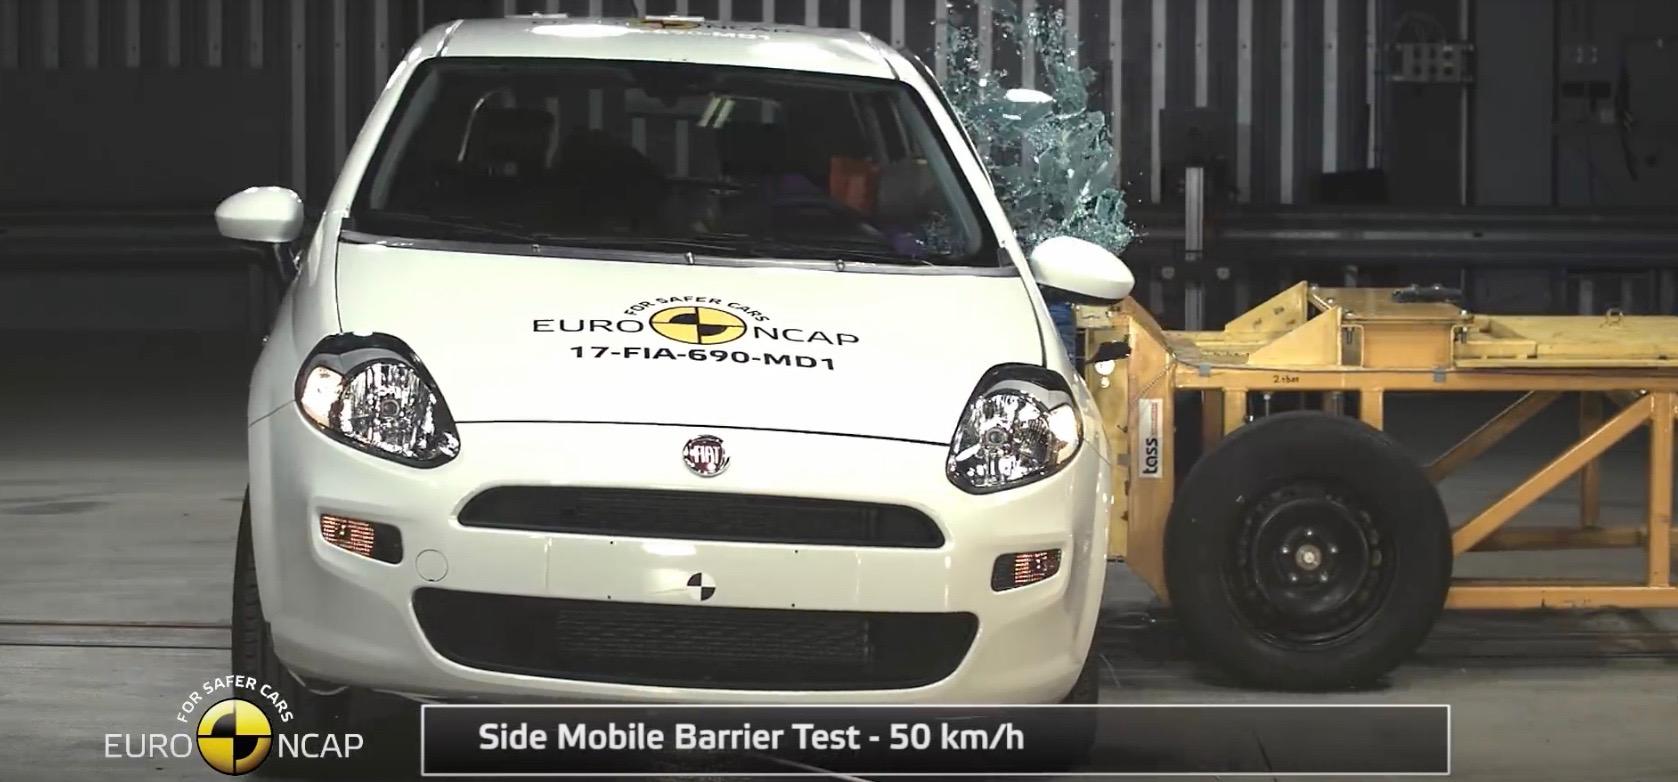 Fiat Punto otrzymał w teście Euro NCAP zero gwiazdek. Zrodlo: YouTube